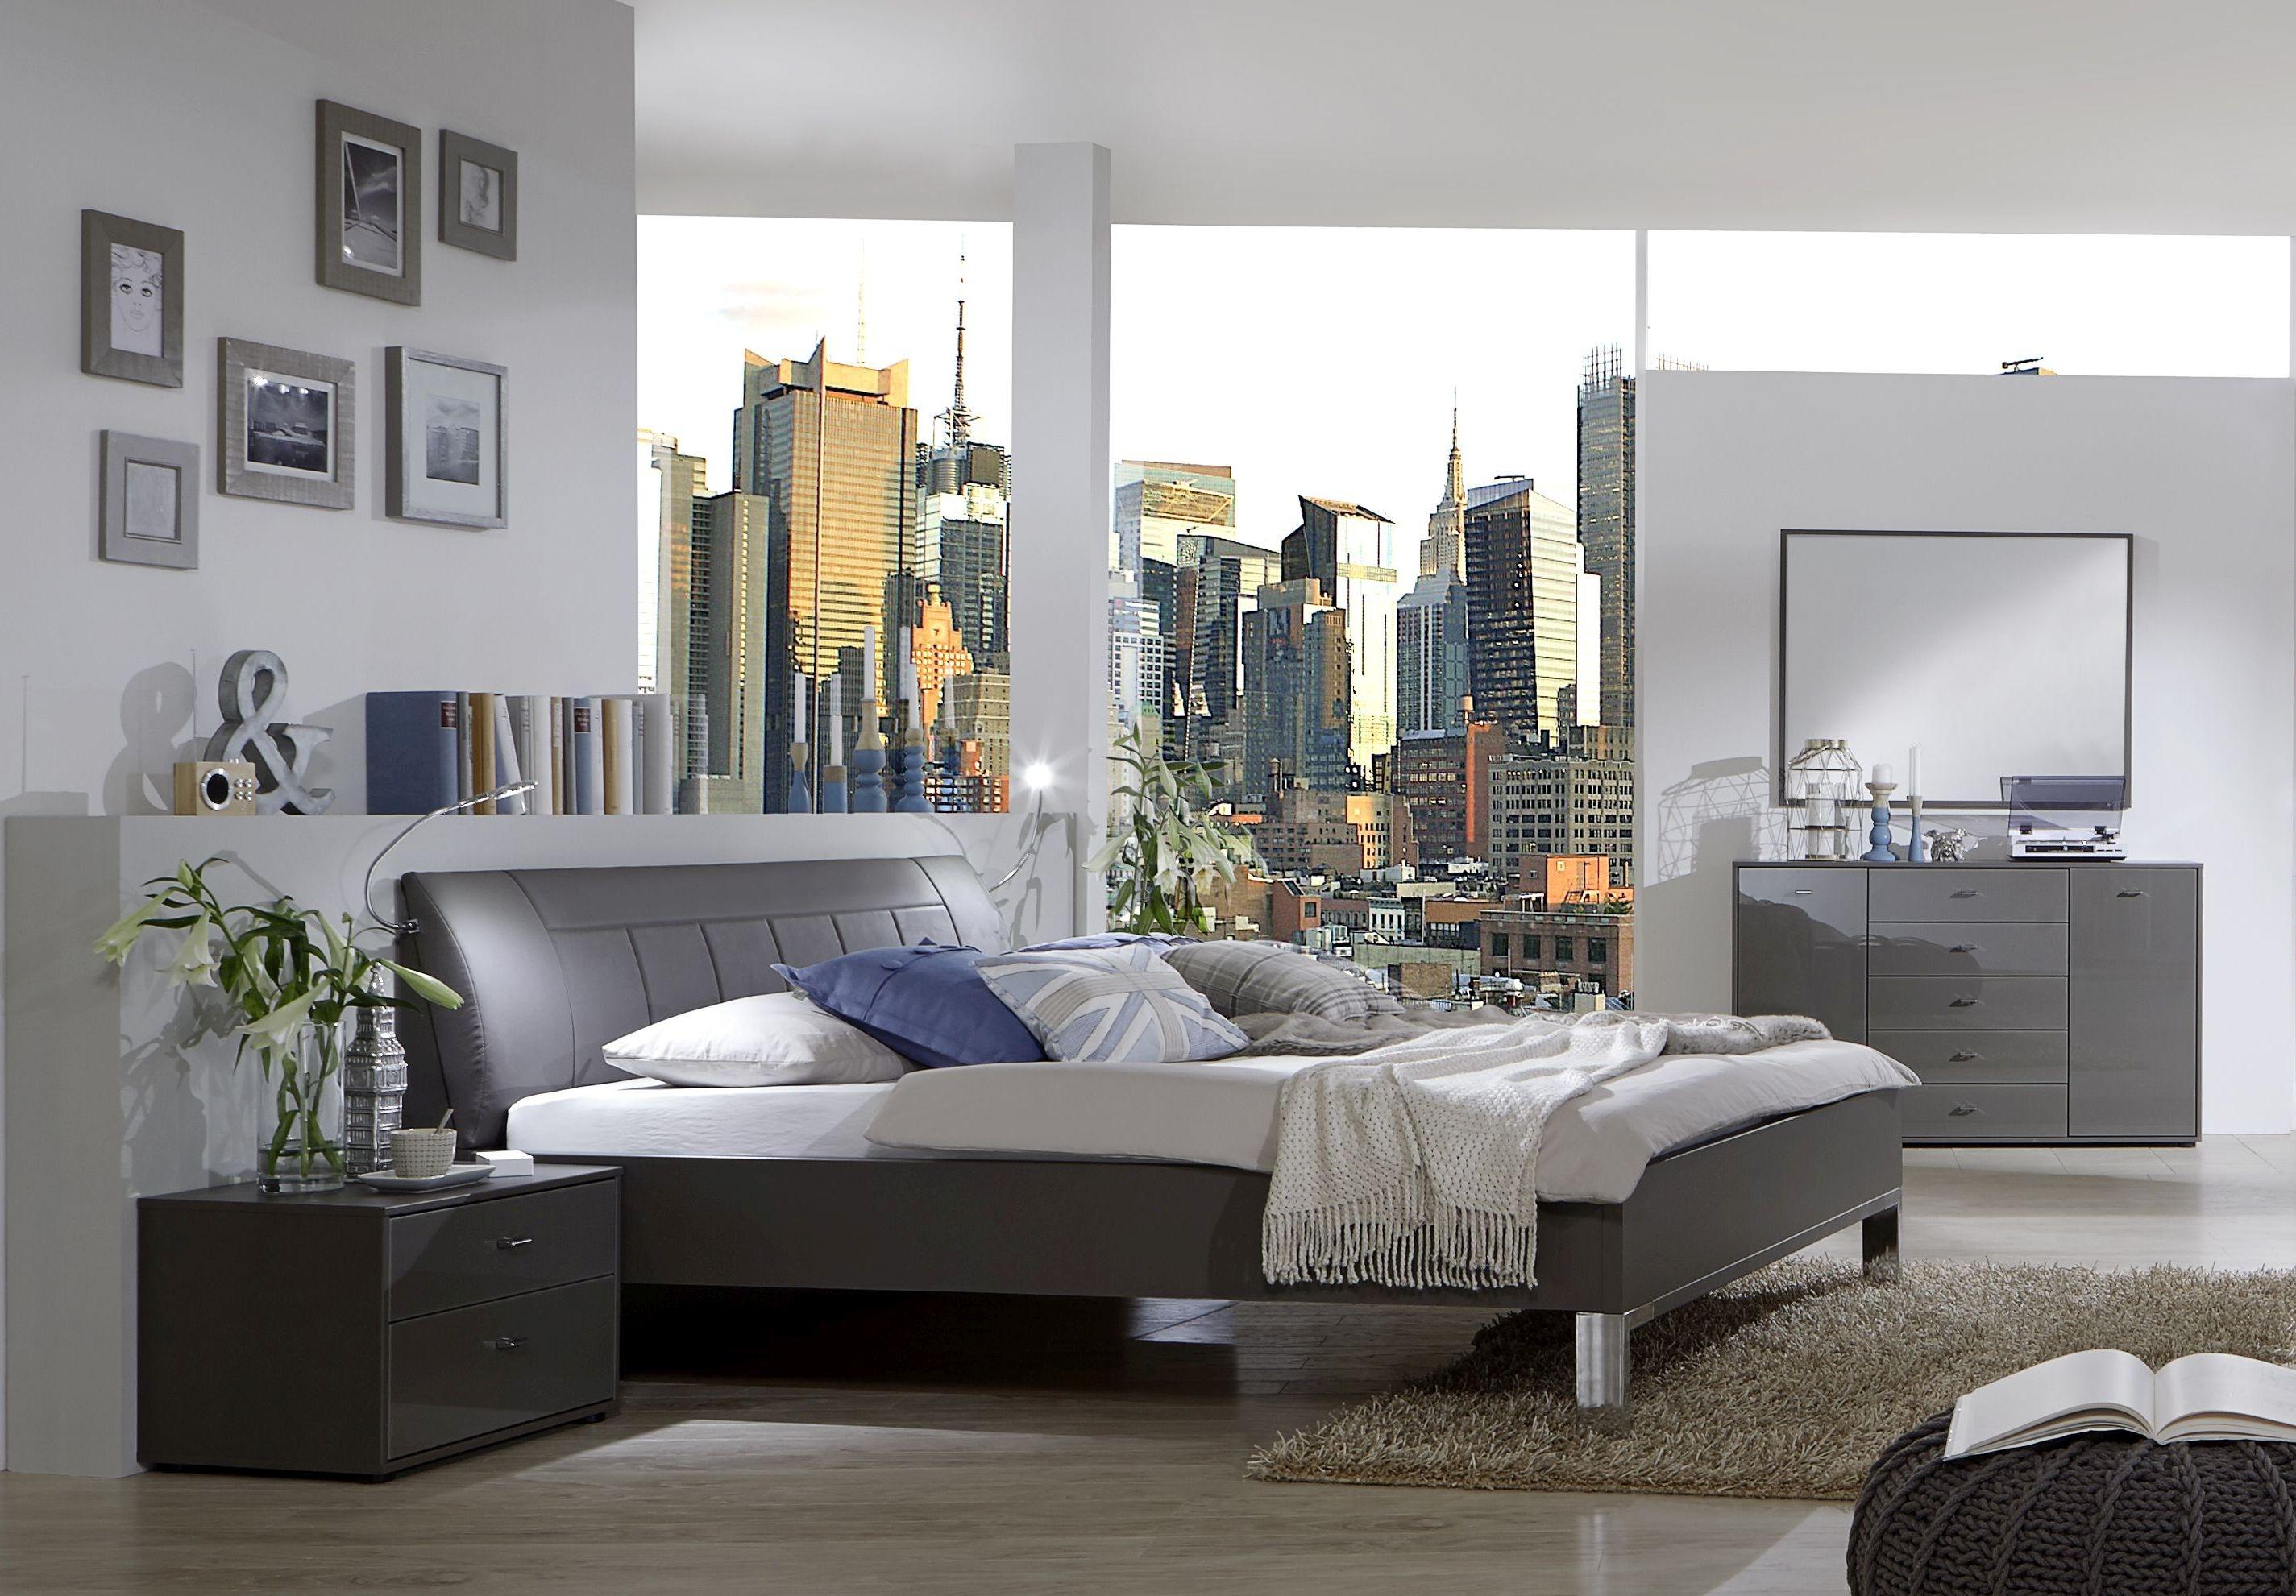 Wiemann VIP Eastside 5ft King Size Leather 48cm Footboard Height Bed in Havana - 160cm x 200cm